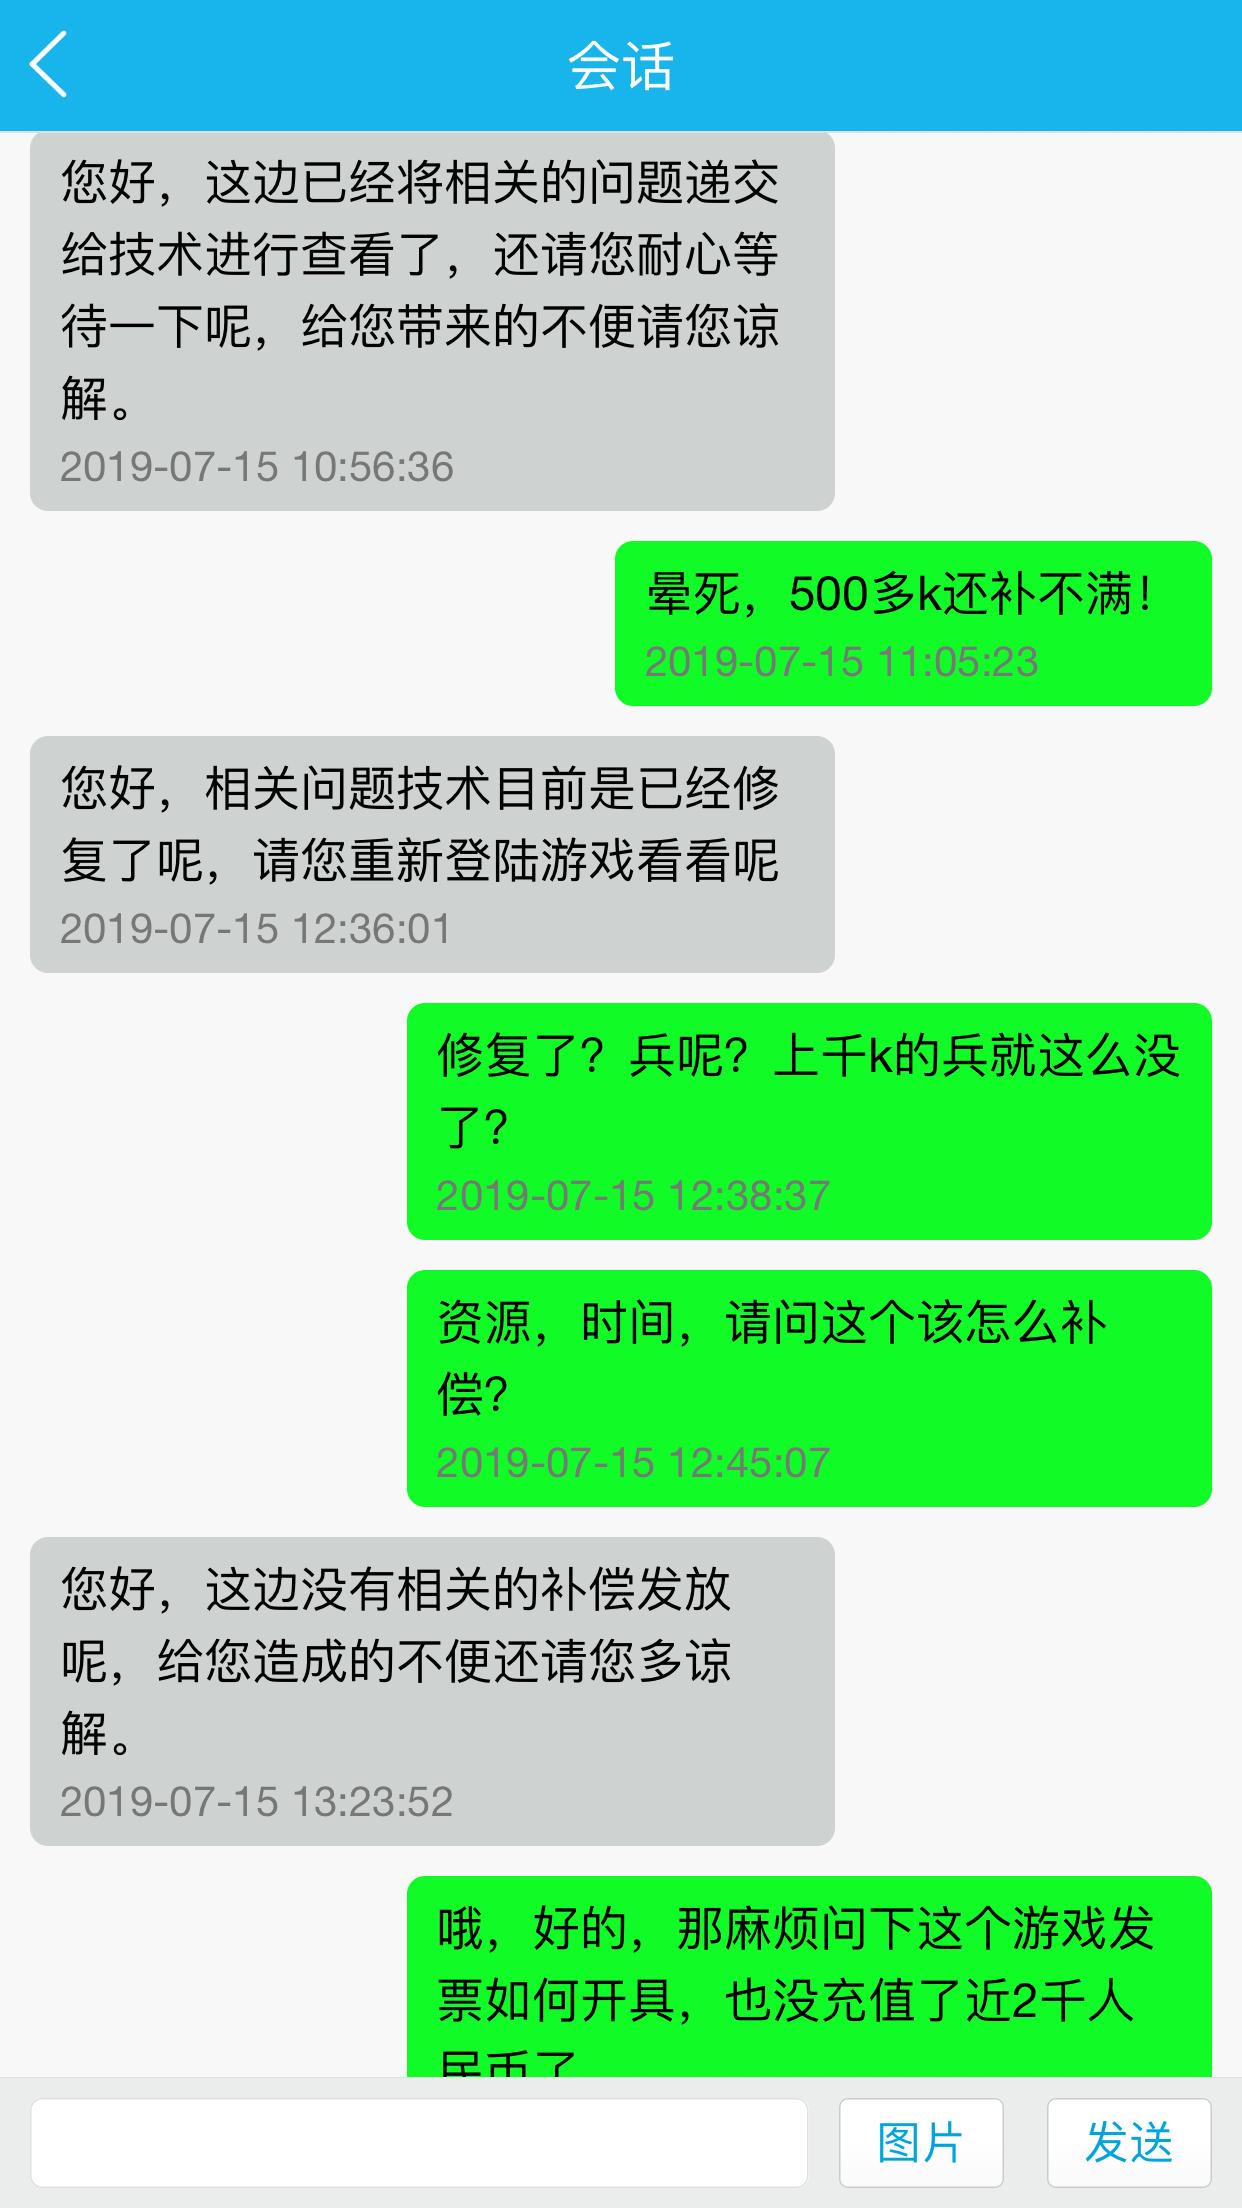 5986C651-582C-4EF3-9906-380D6D7B421A.png